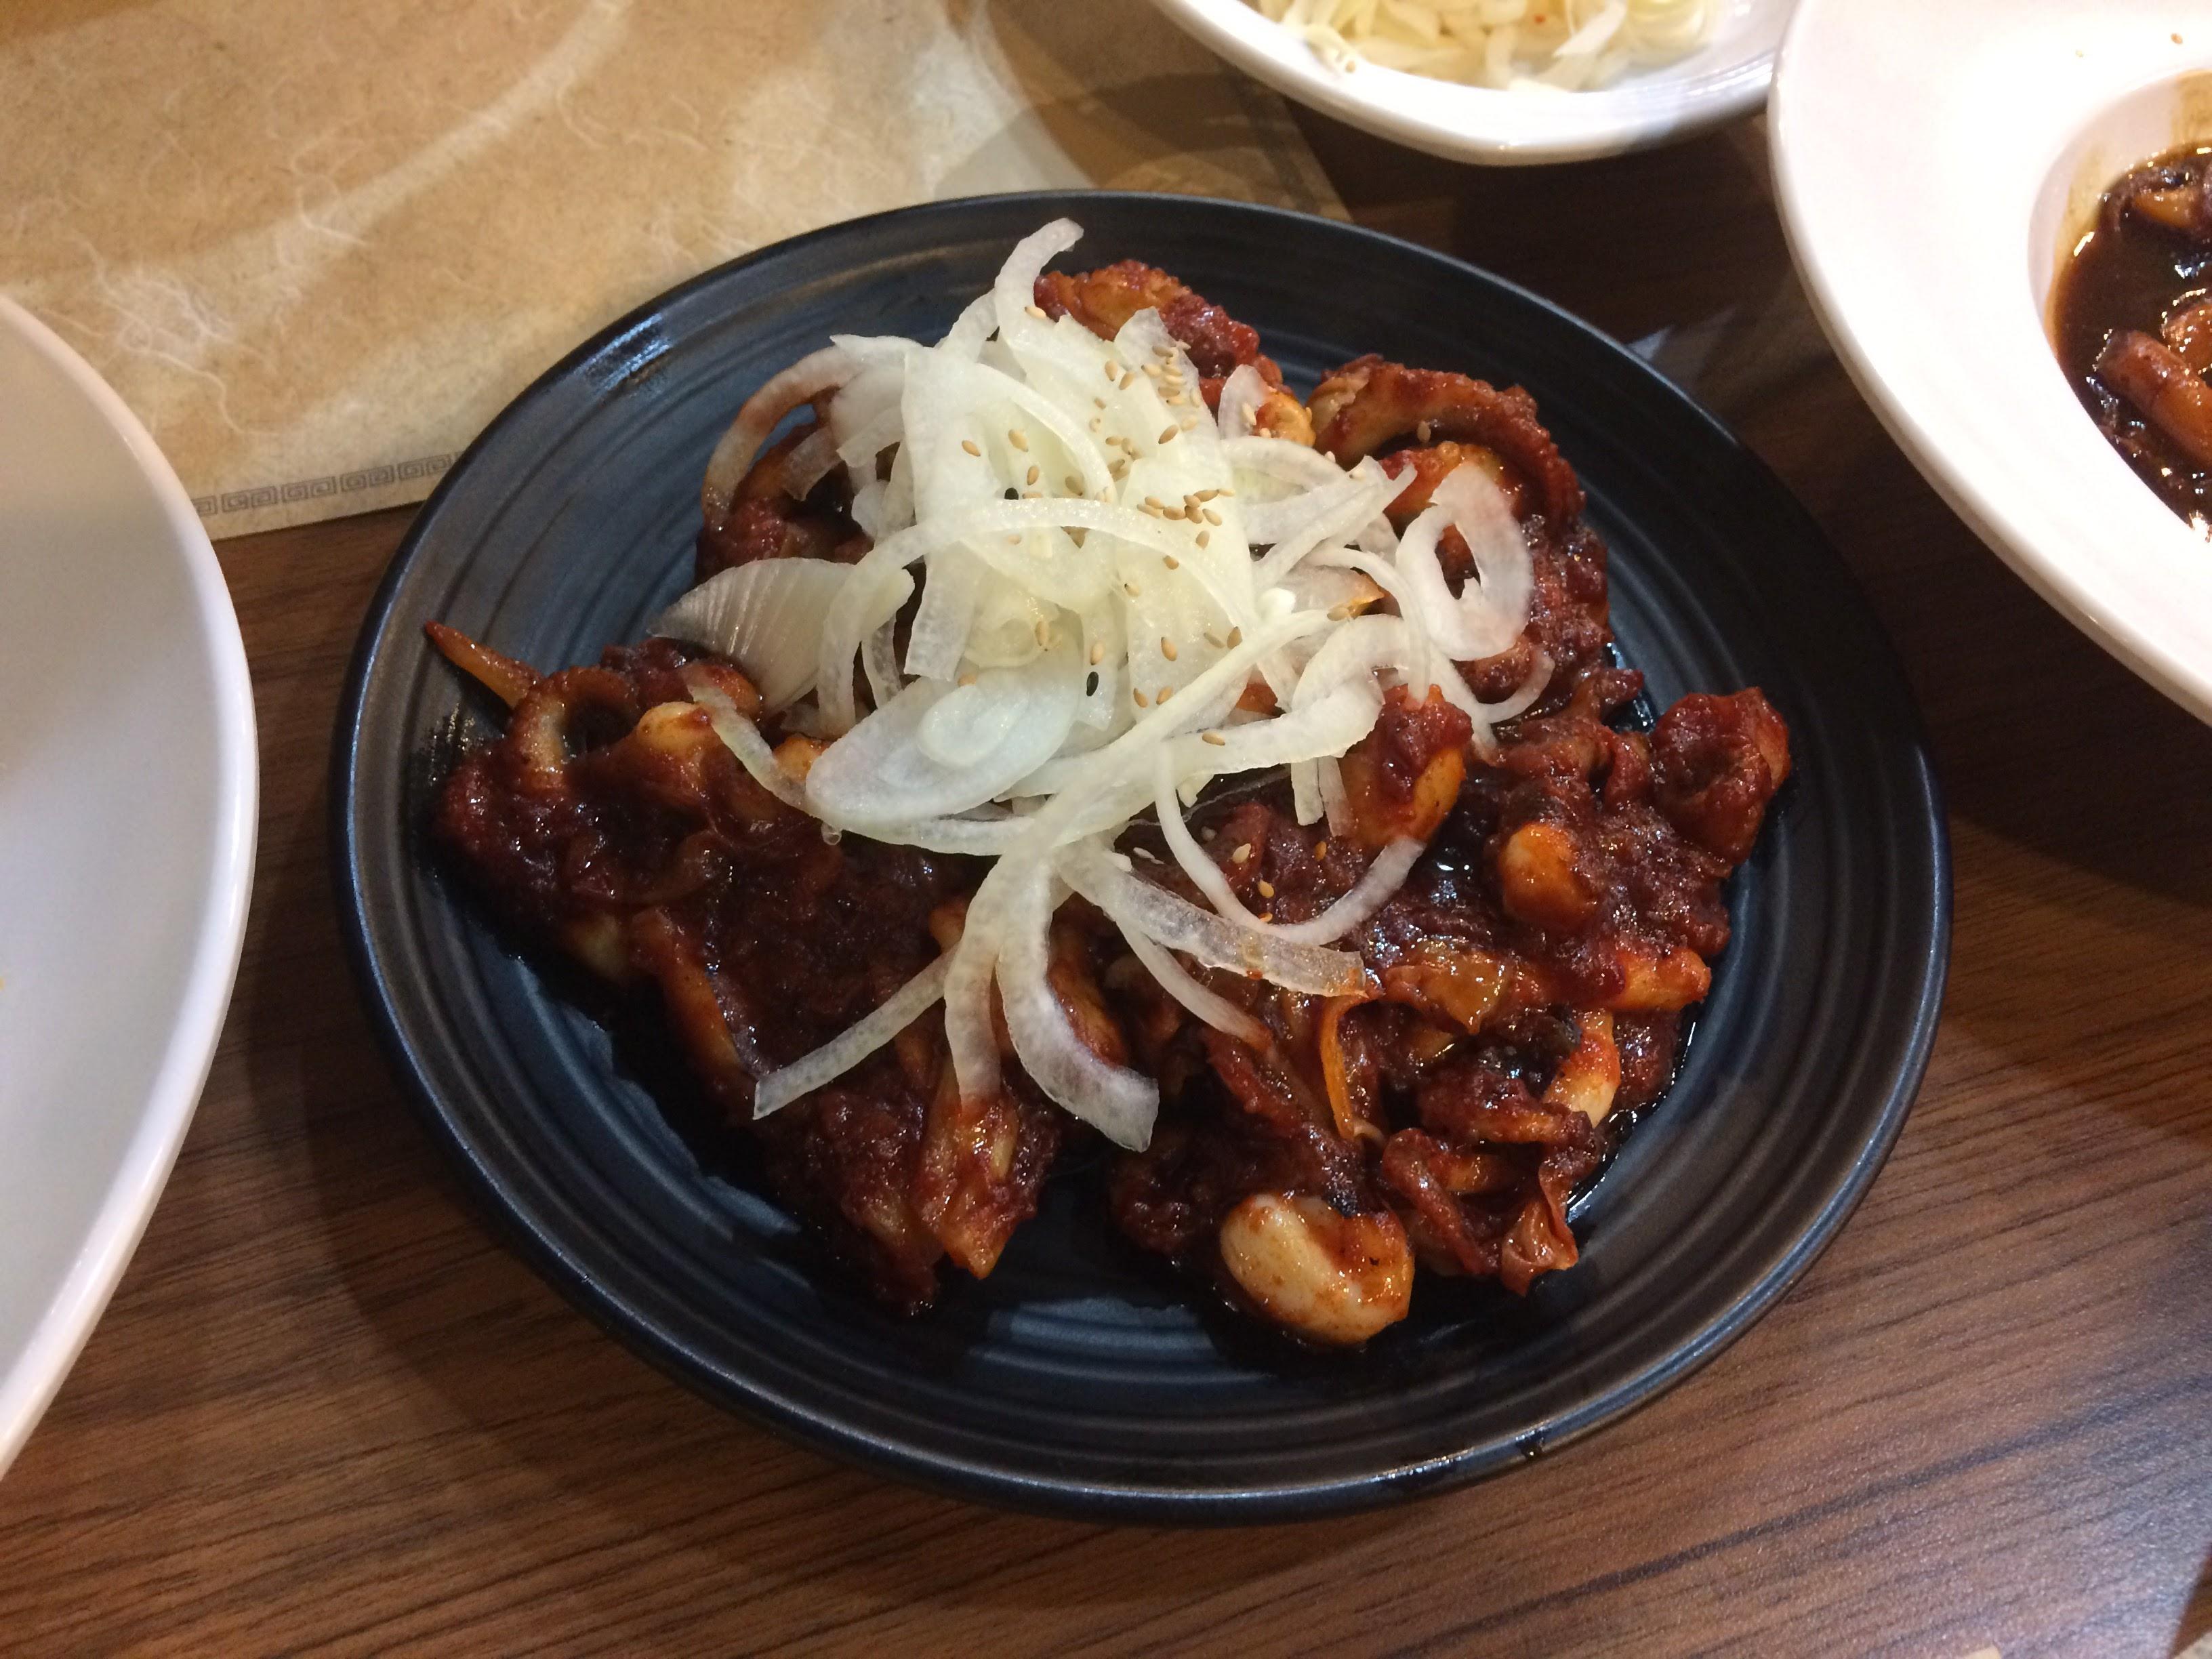 불맛 나는 쭈꾸미를 먹어보자, 용인 신봉동 <온반>